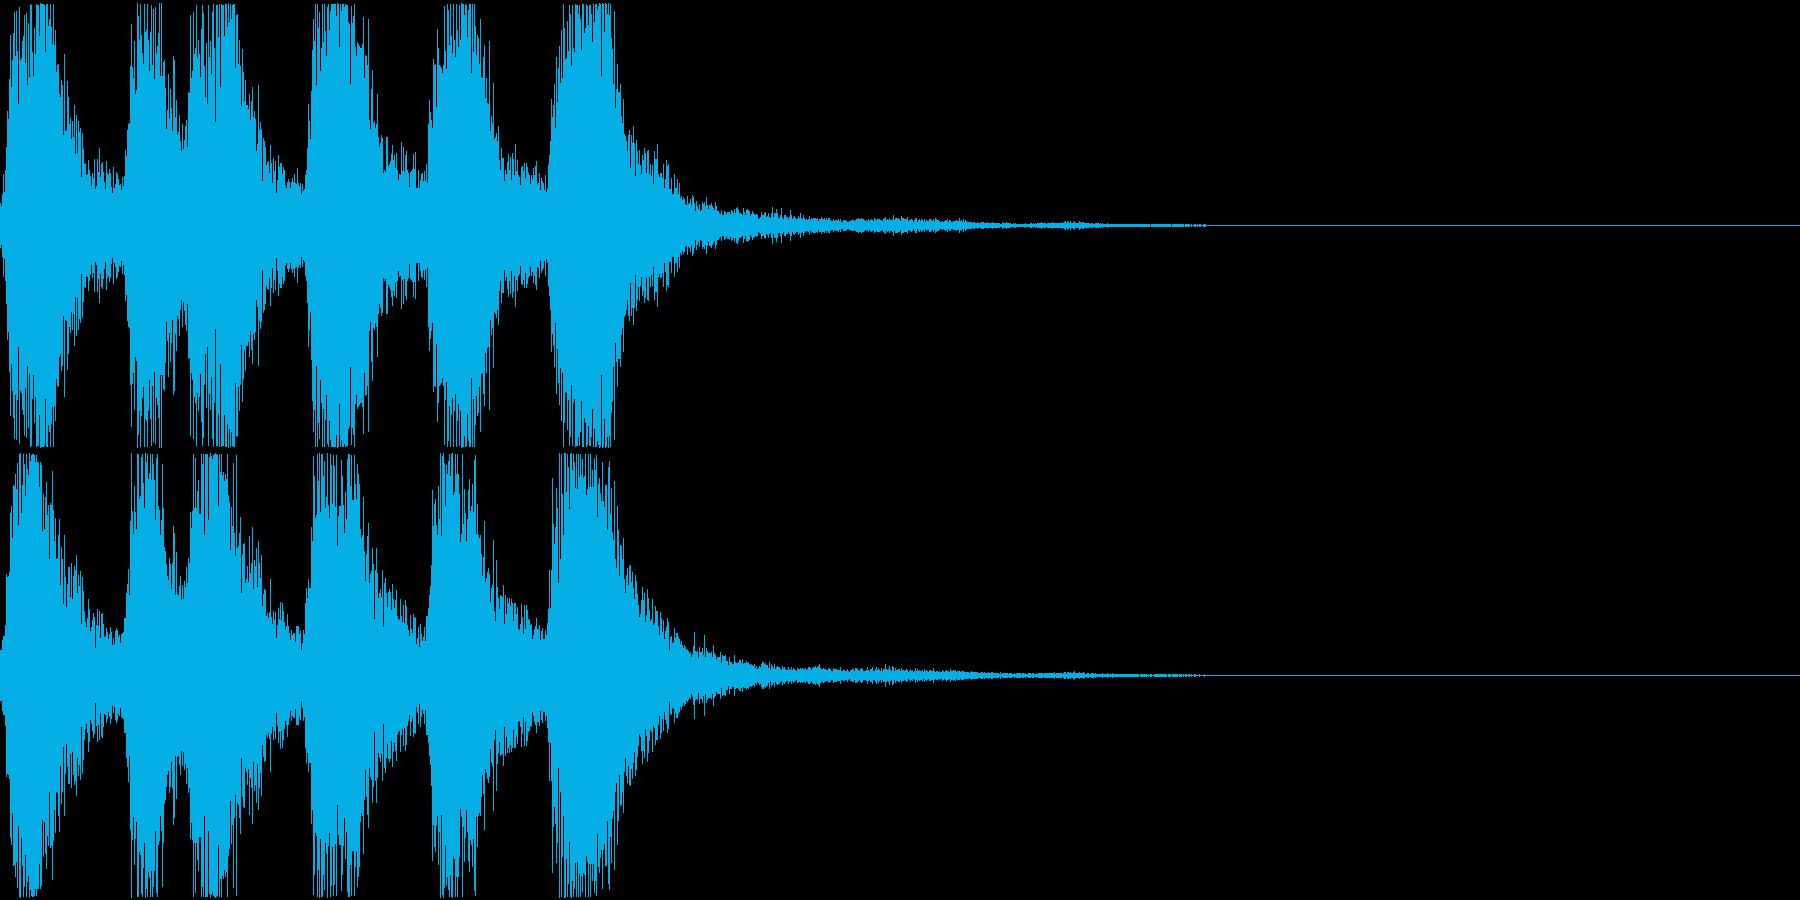 ラッパ ファンファーレ 定番 15の再生済みの波形